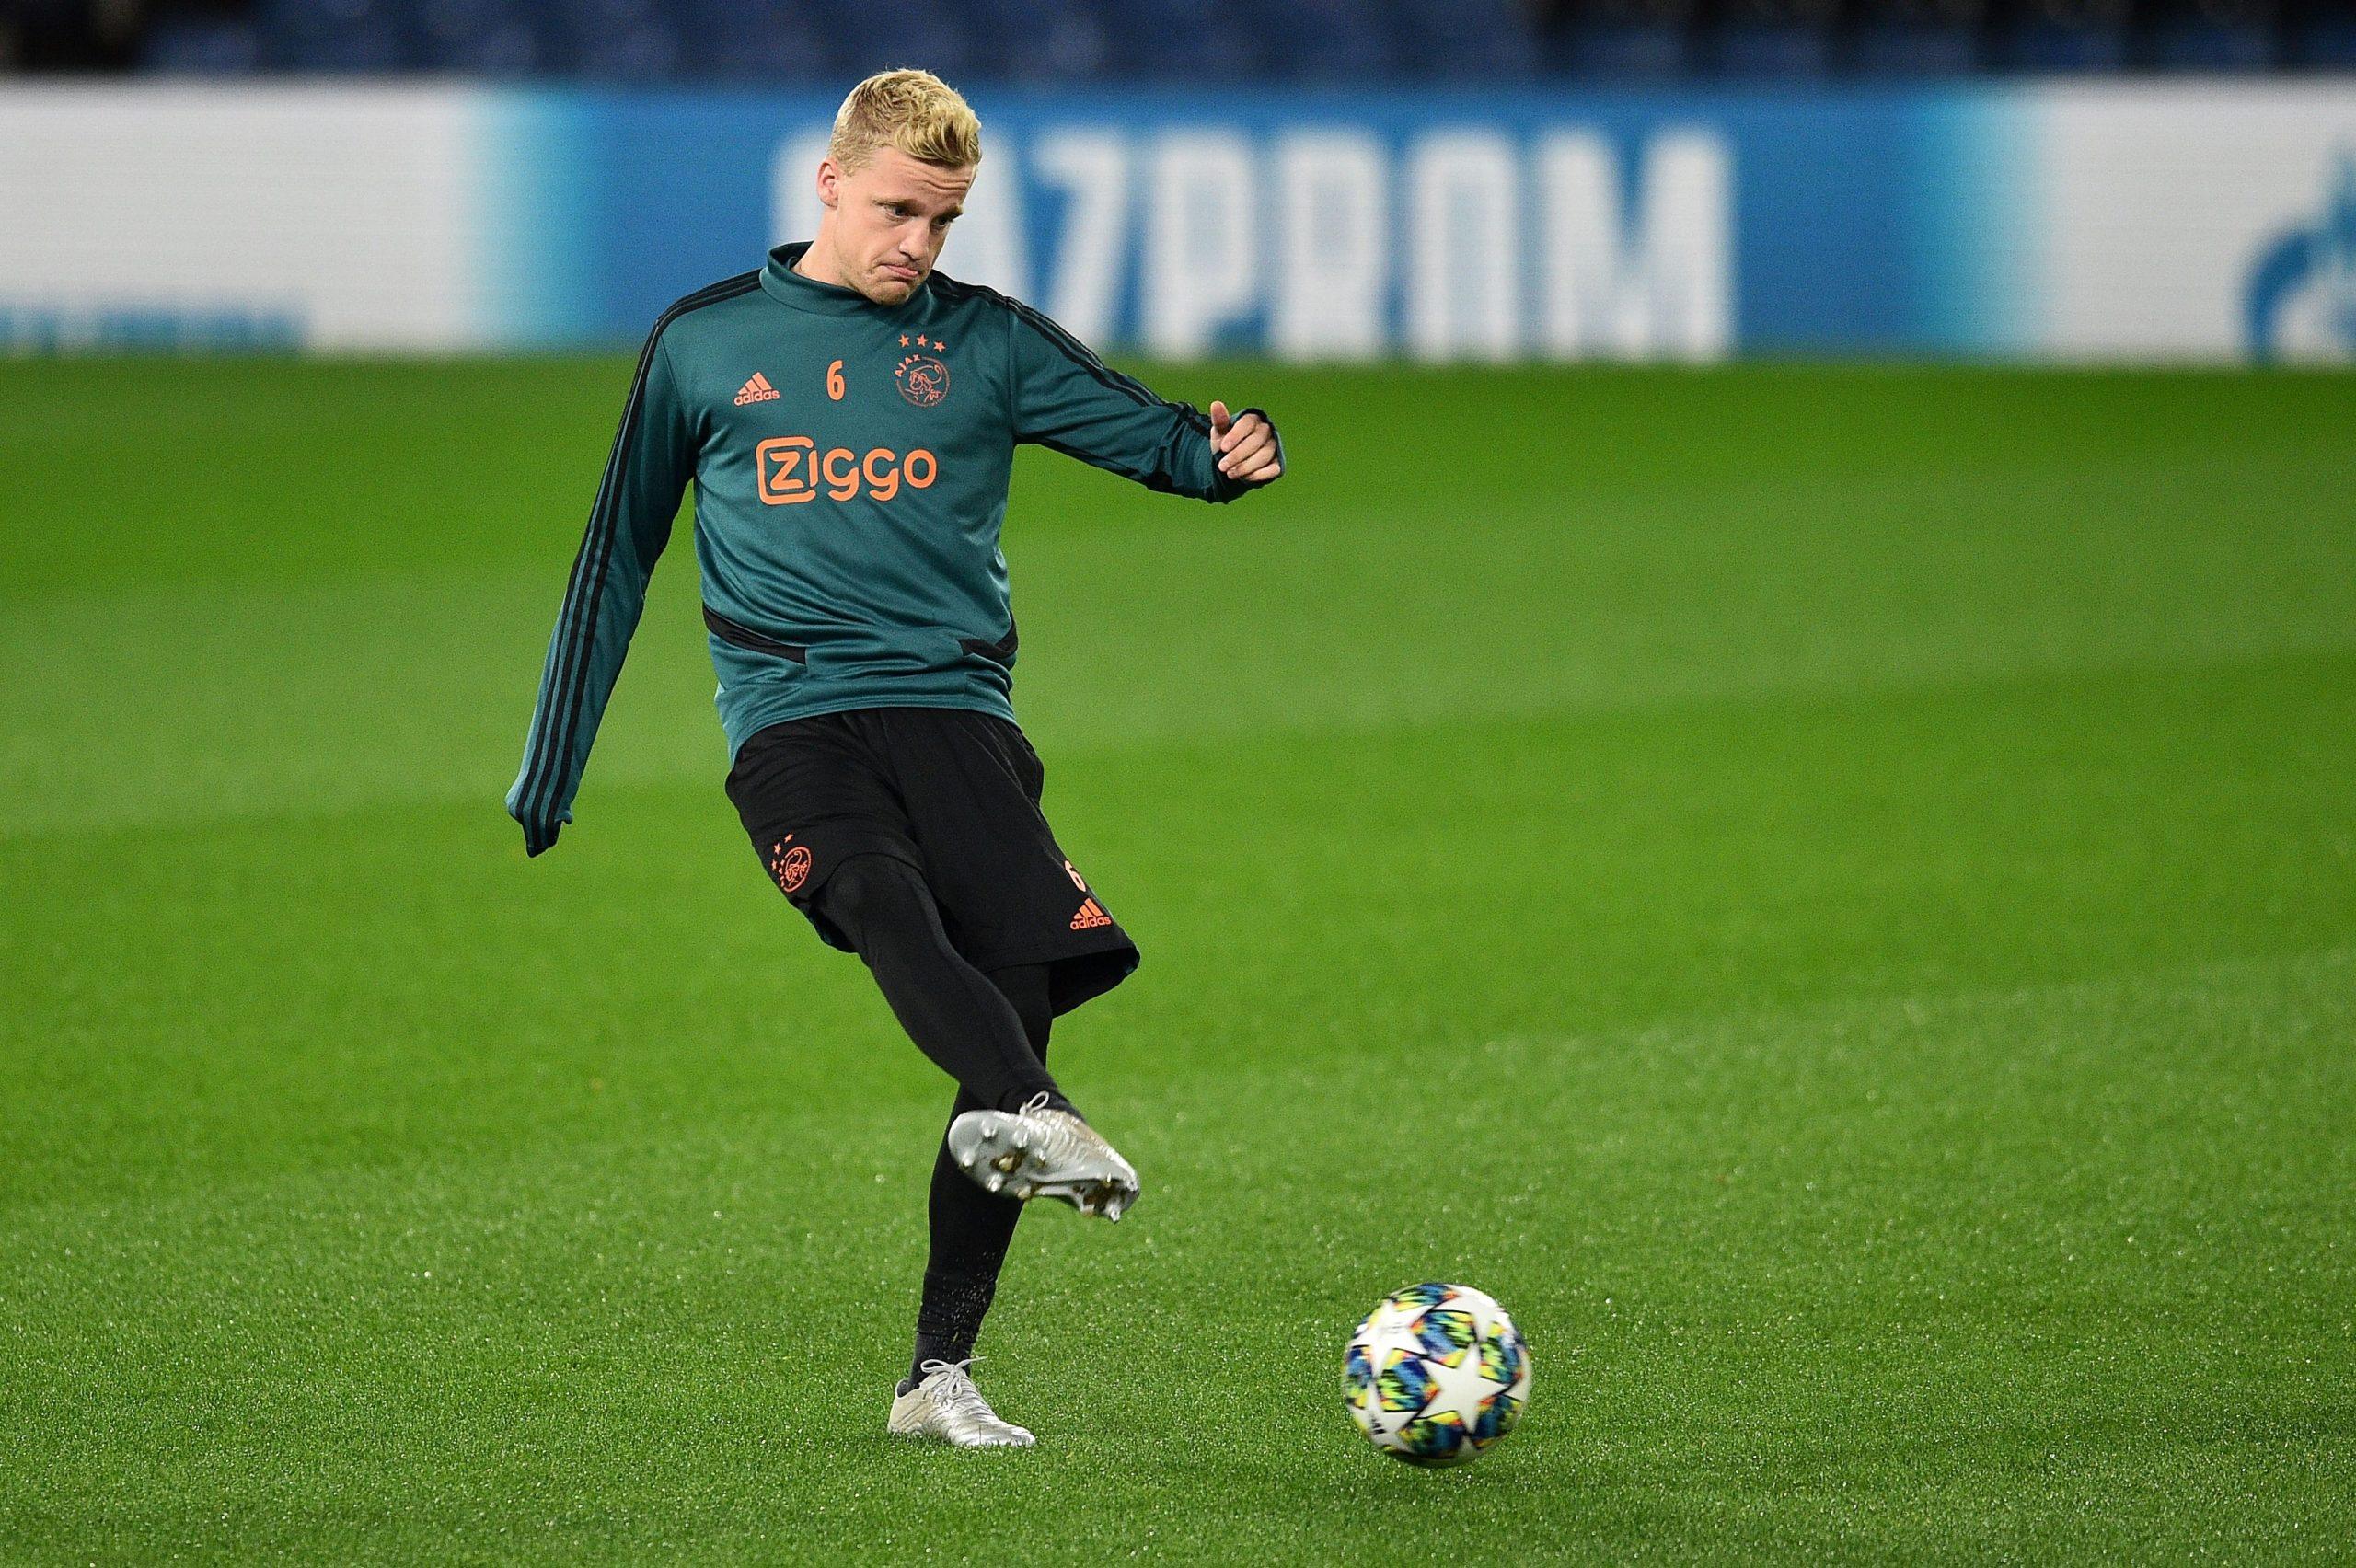 Donny van de Beek during a training session for Ajax